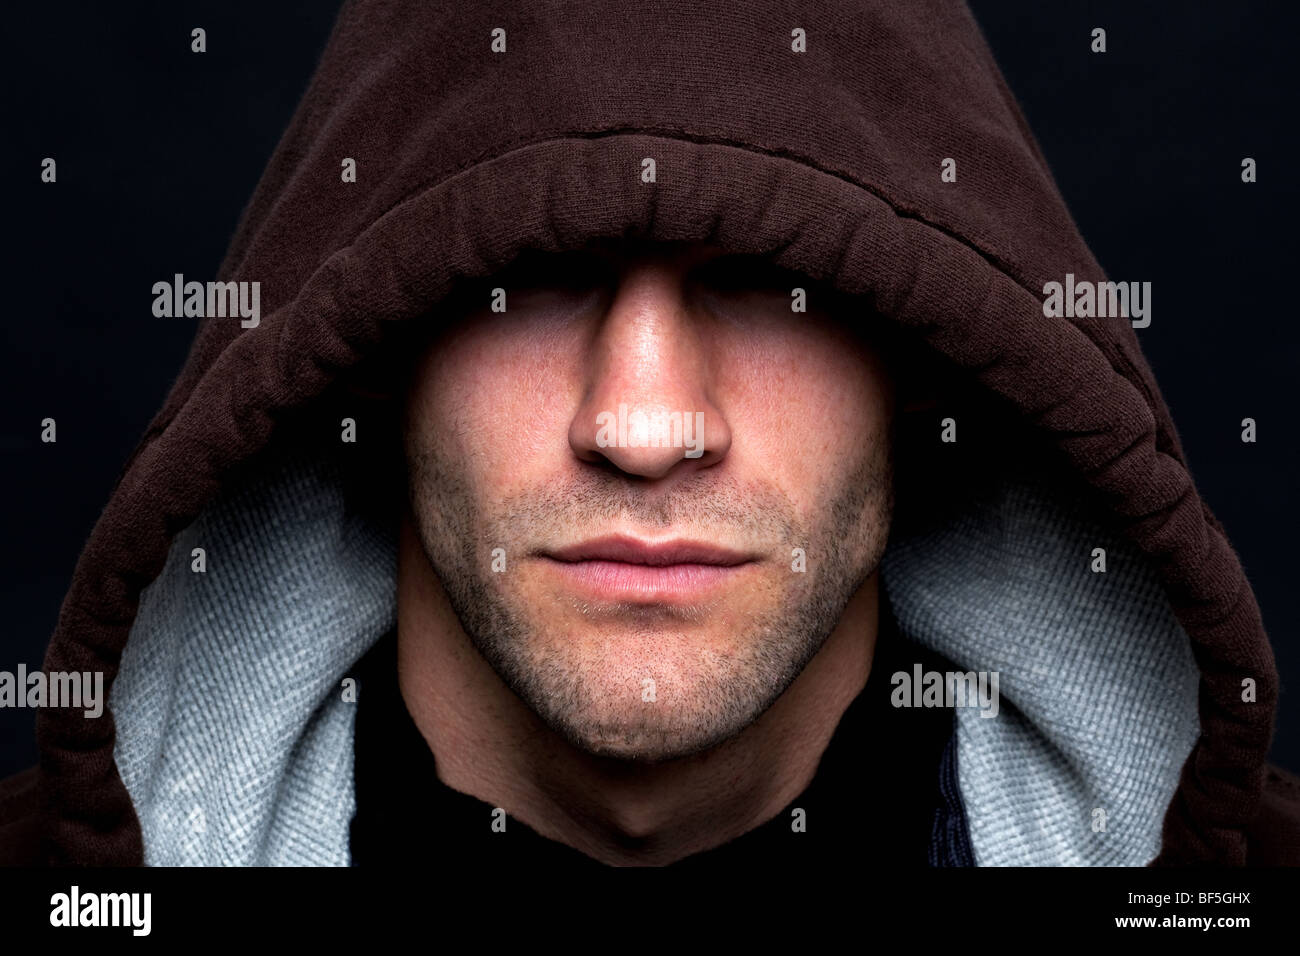 Buscando un mal hombre vestido con una sudadera con capucha con los ojos ocultos contra un fondo negro. Foto de stock